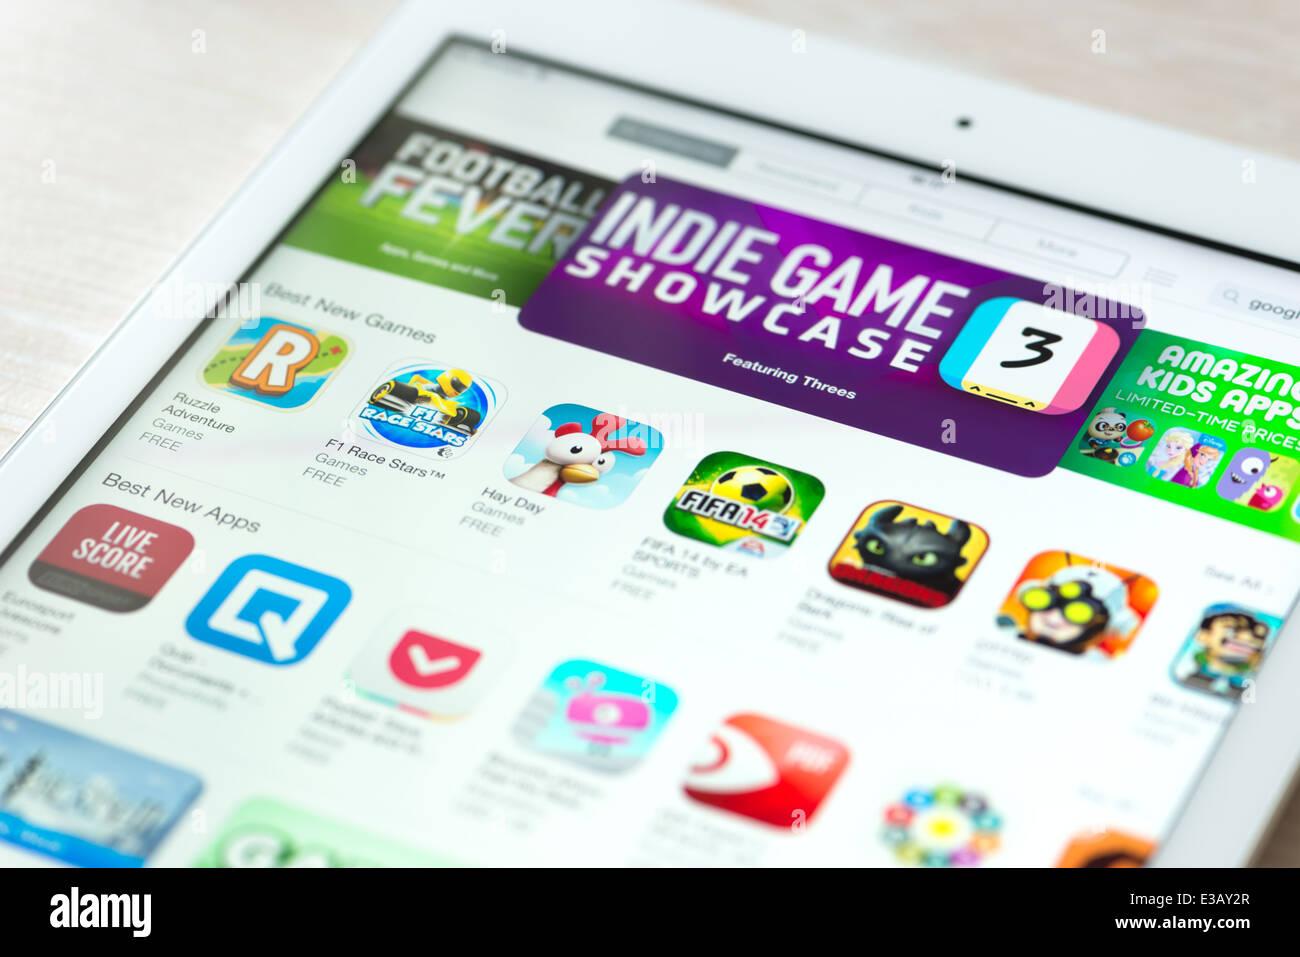 Brand new Apple iPad blanc moderne avec de l'air les jeux mobile apps dans App Store collection Photo Stock